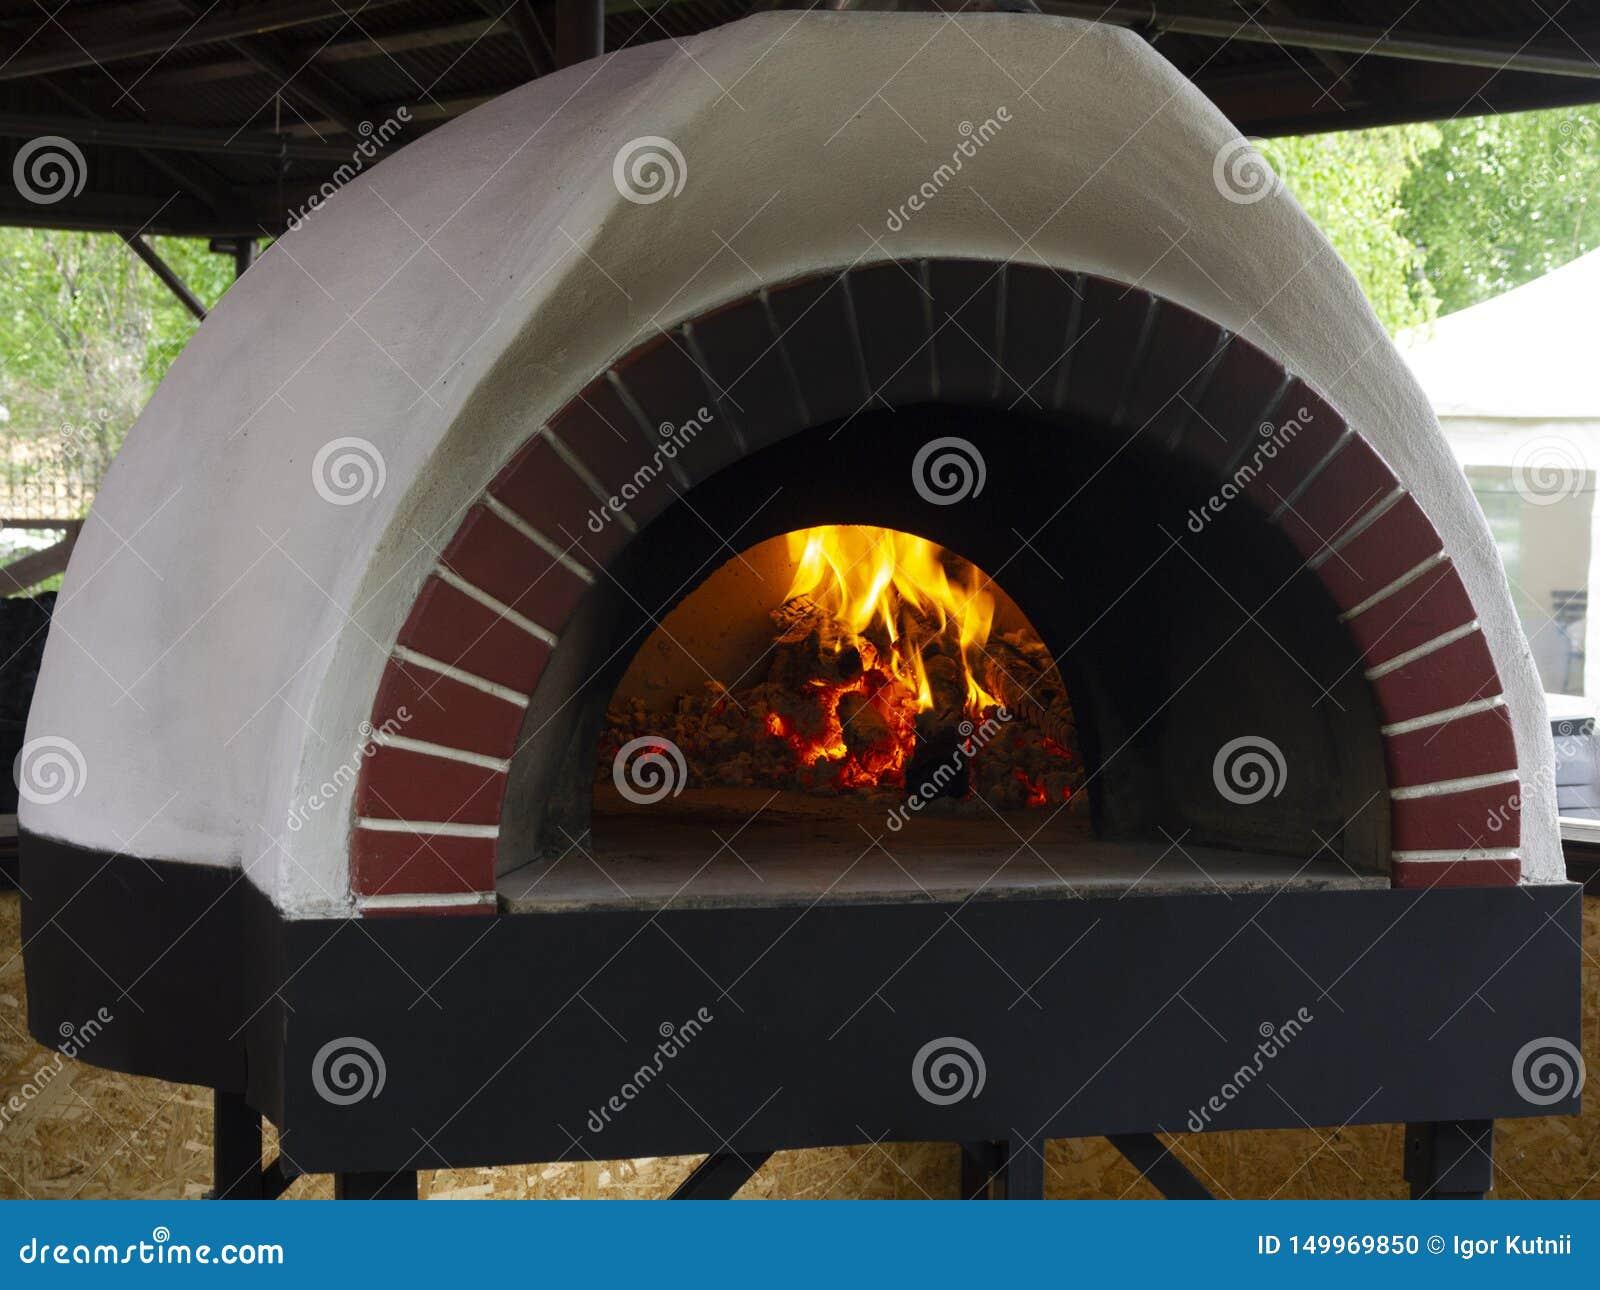 Uitstekende kleioven voor het koken in een buitenhuis diverse schotels: vlakke cakes, pizza s, pastei, graangewassen, vlees, viss